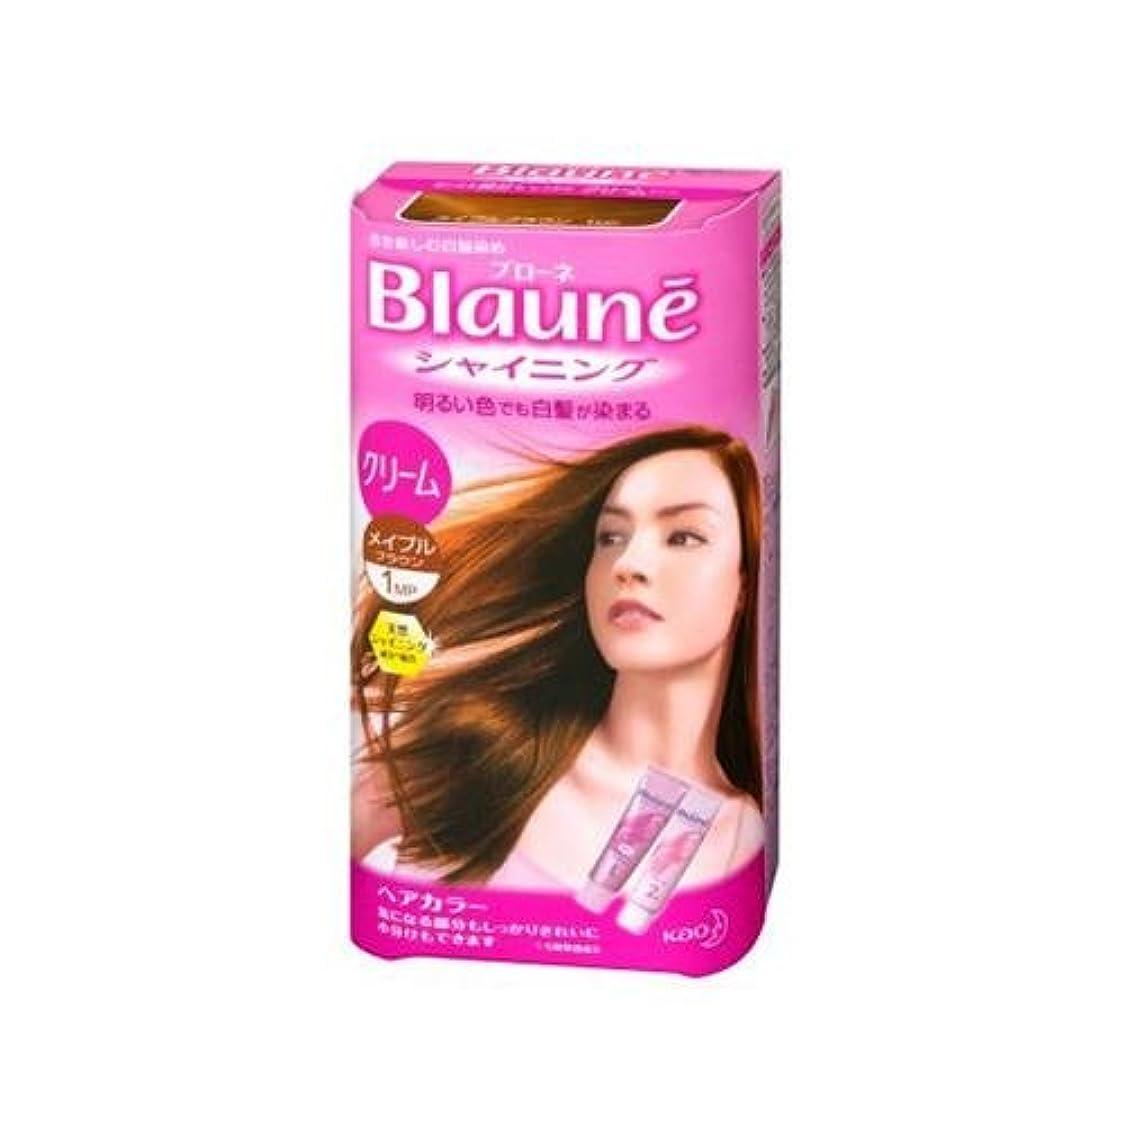 配る魅了する盆地花王 ブローネ シャイニングヘアカラー クリーム 1剤50g/2剤50g(医薬部外品)《各50g》<カラー:メイプルBR>